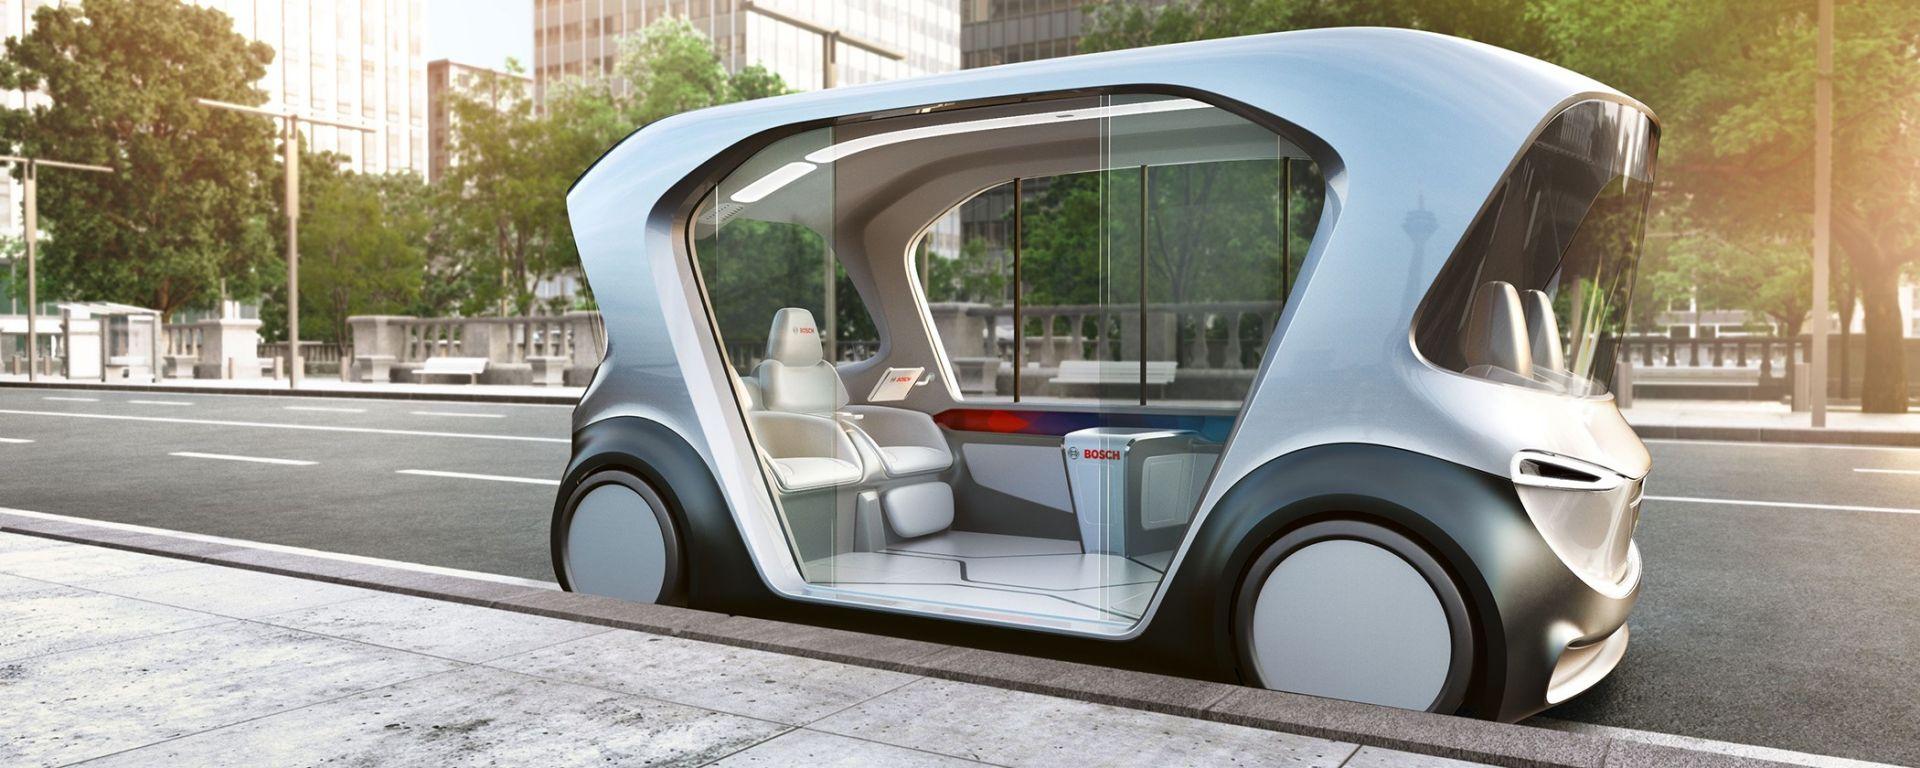 Bosch: lo shuttle a guida autonoma in scena al CES 2019